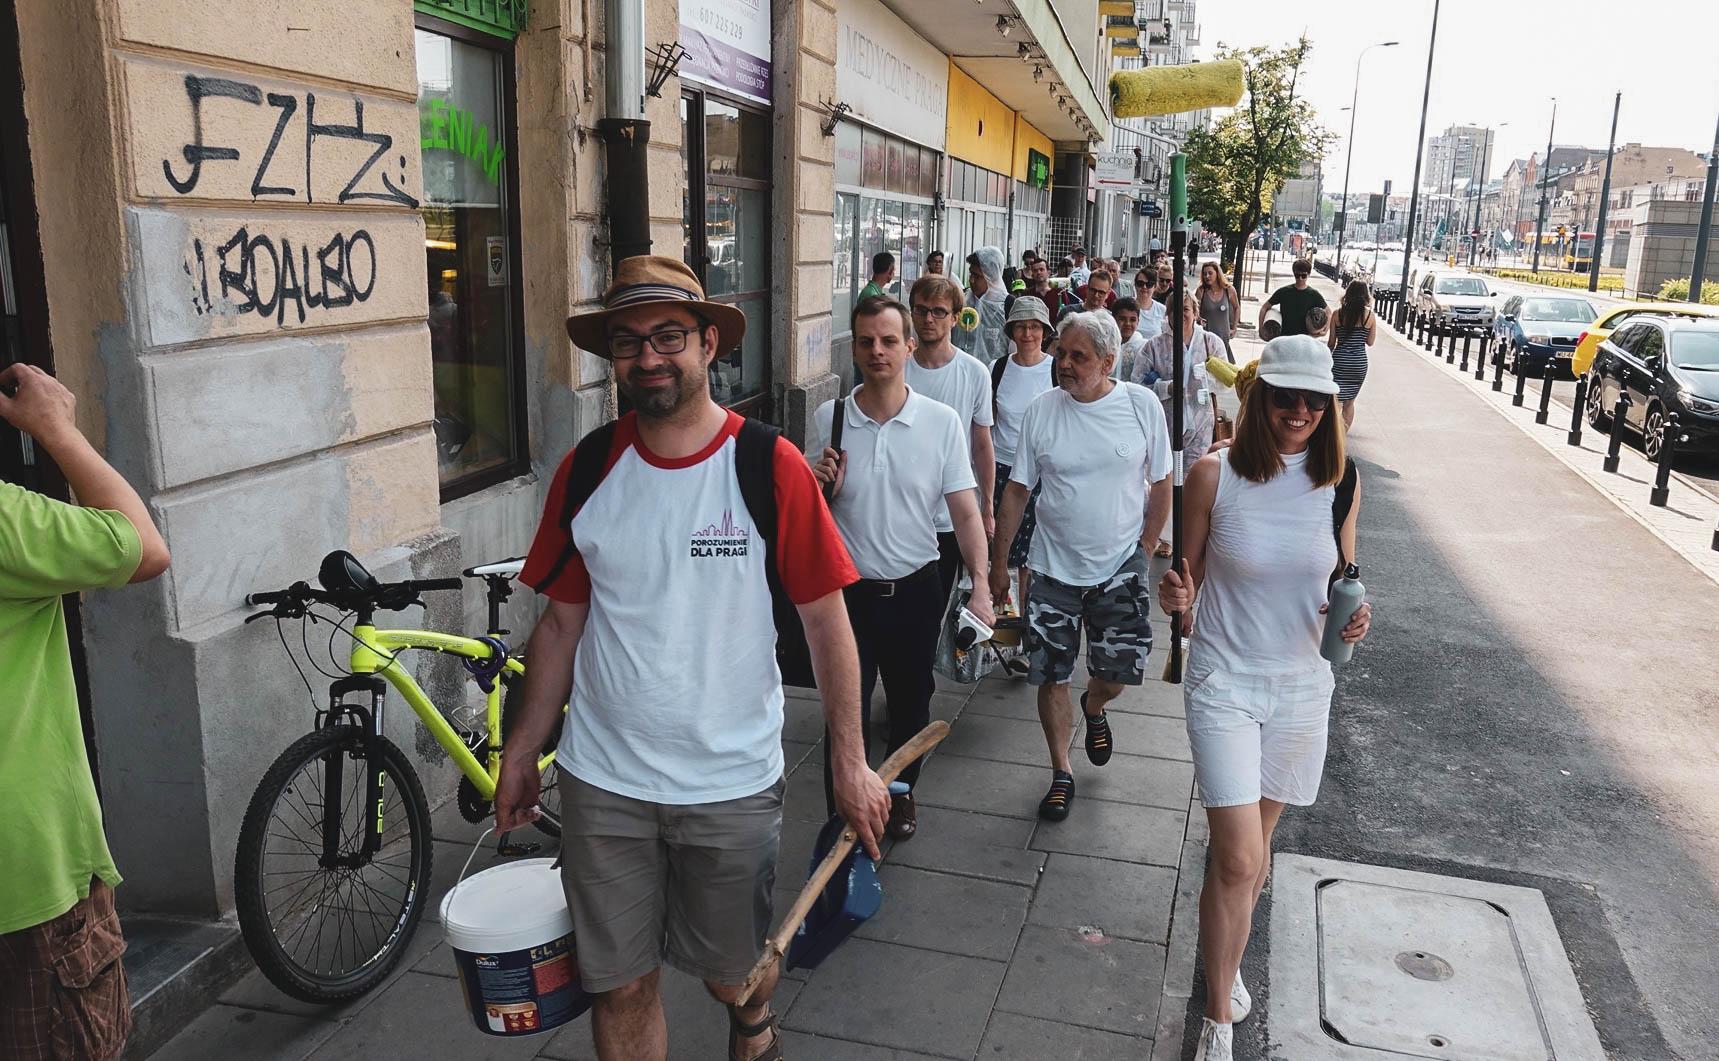 Ekipa Porozumienia dla Pragi idzie ul. Targową trzymając w dłoniach kubły z farbą, wałki, pędzle itd.